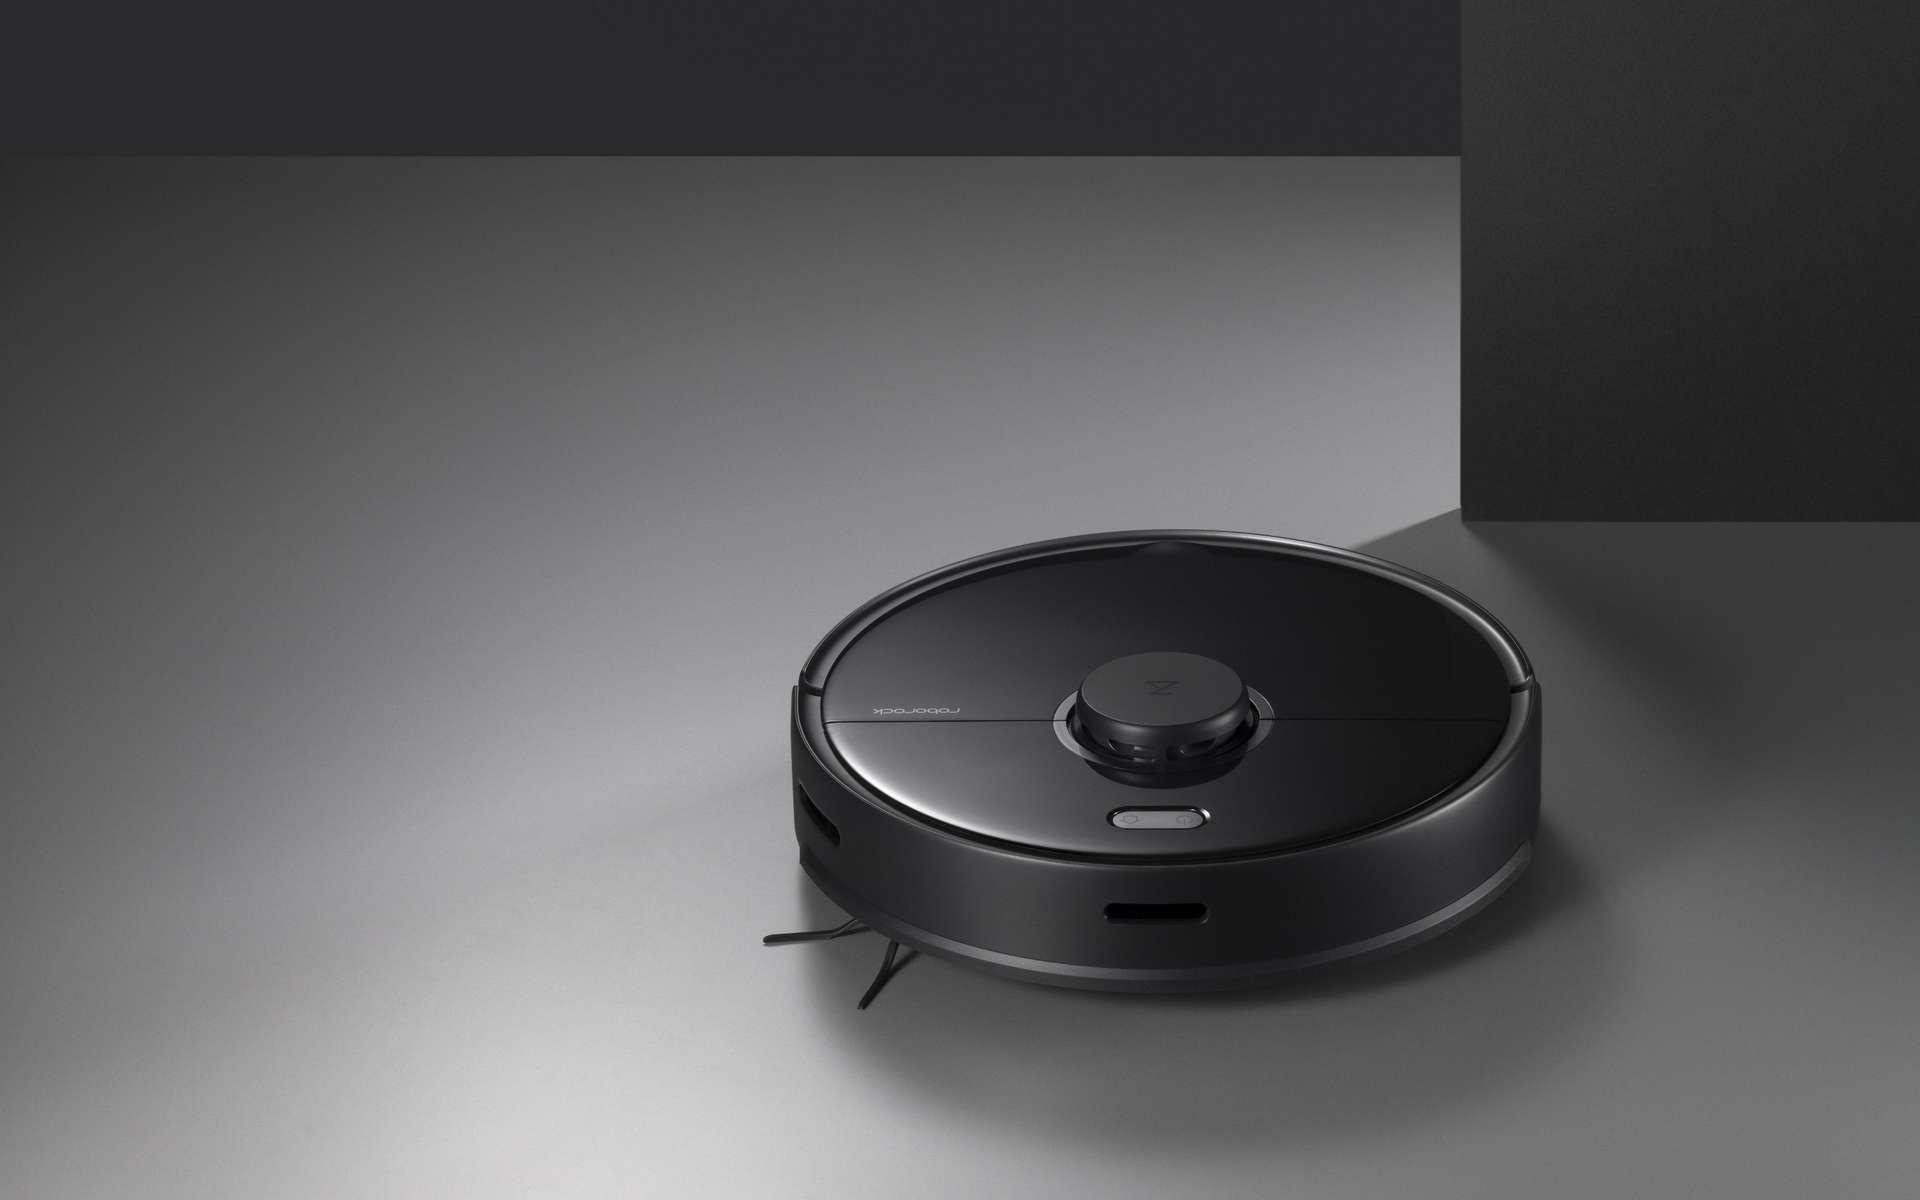 L'aspirateur intelligent et autonome de Roborock sera disponible à un prix avantageux durant le week-end du Black Friday et la Cyber Week. © Roborock